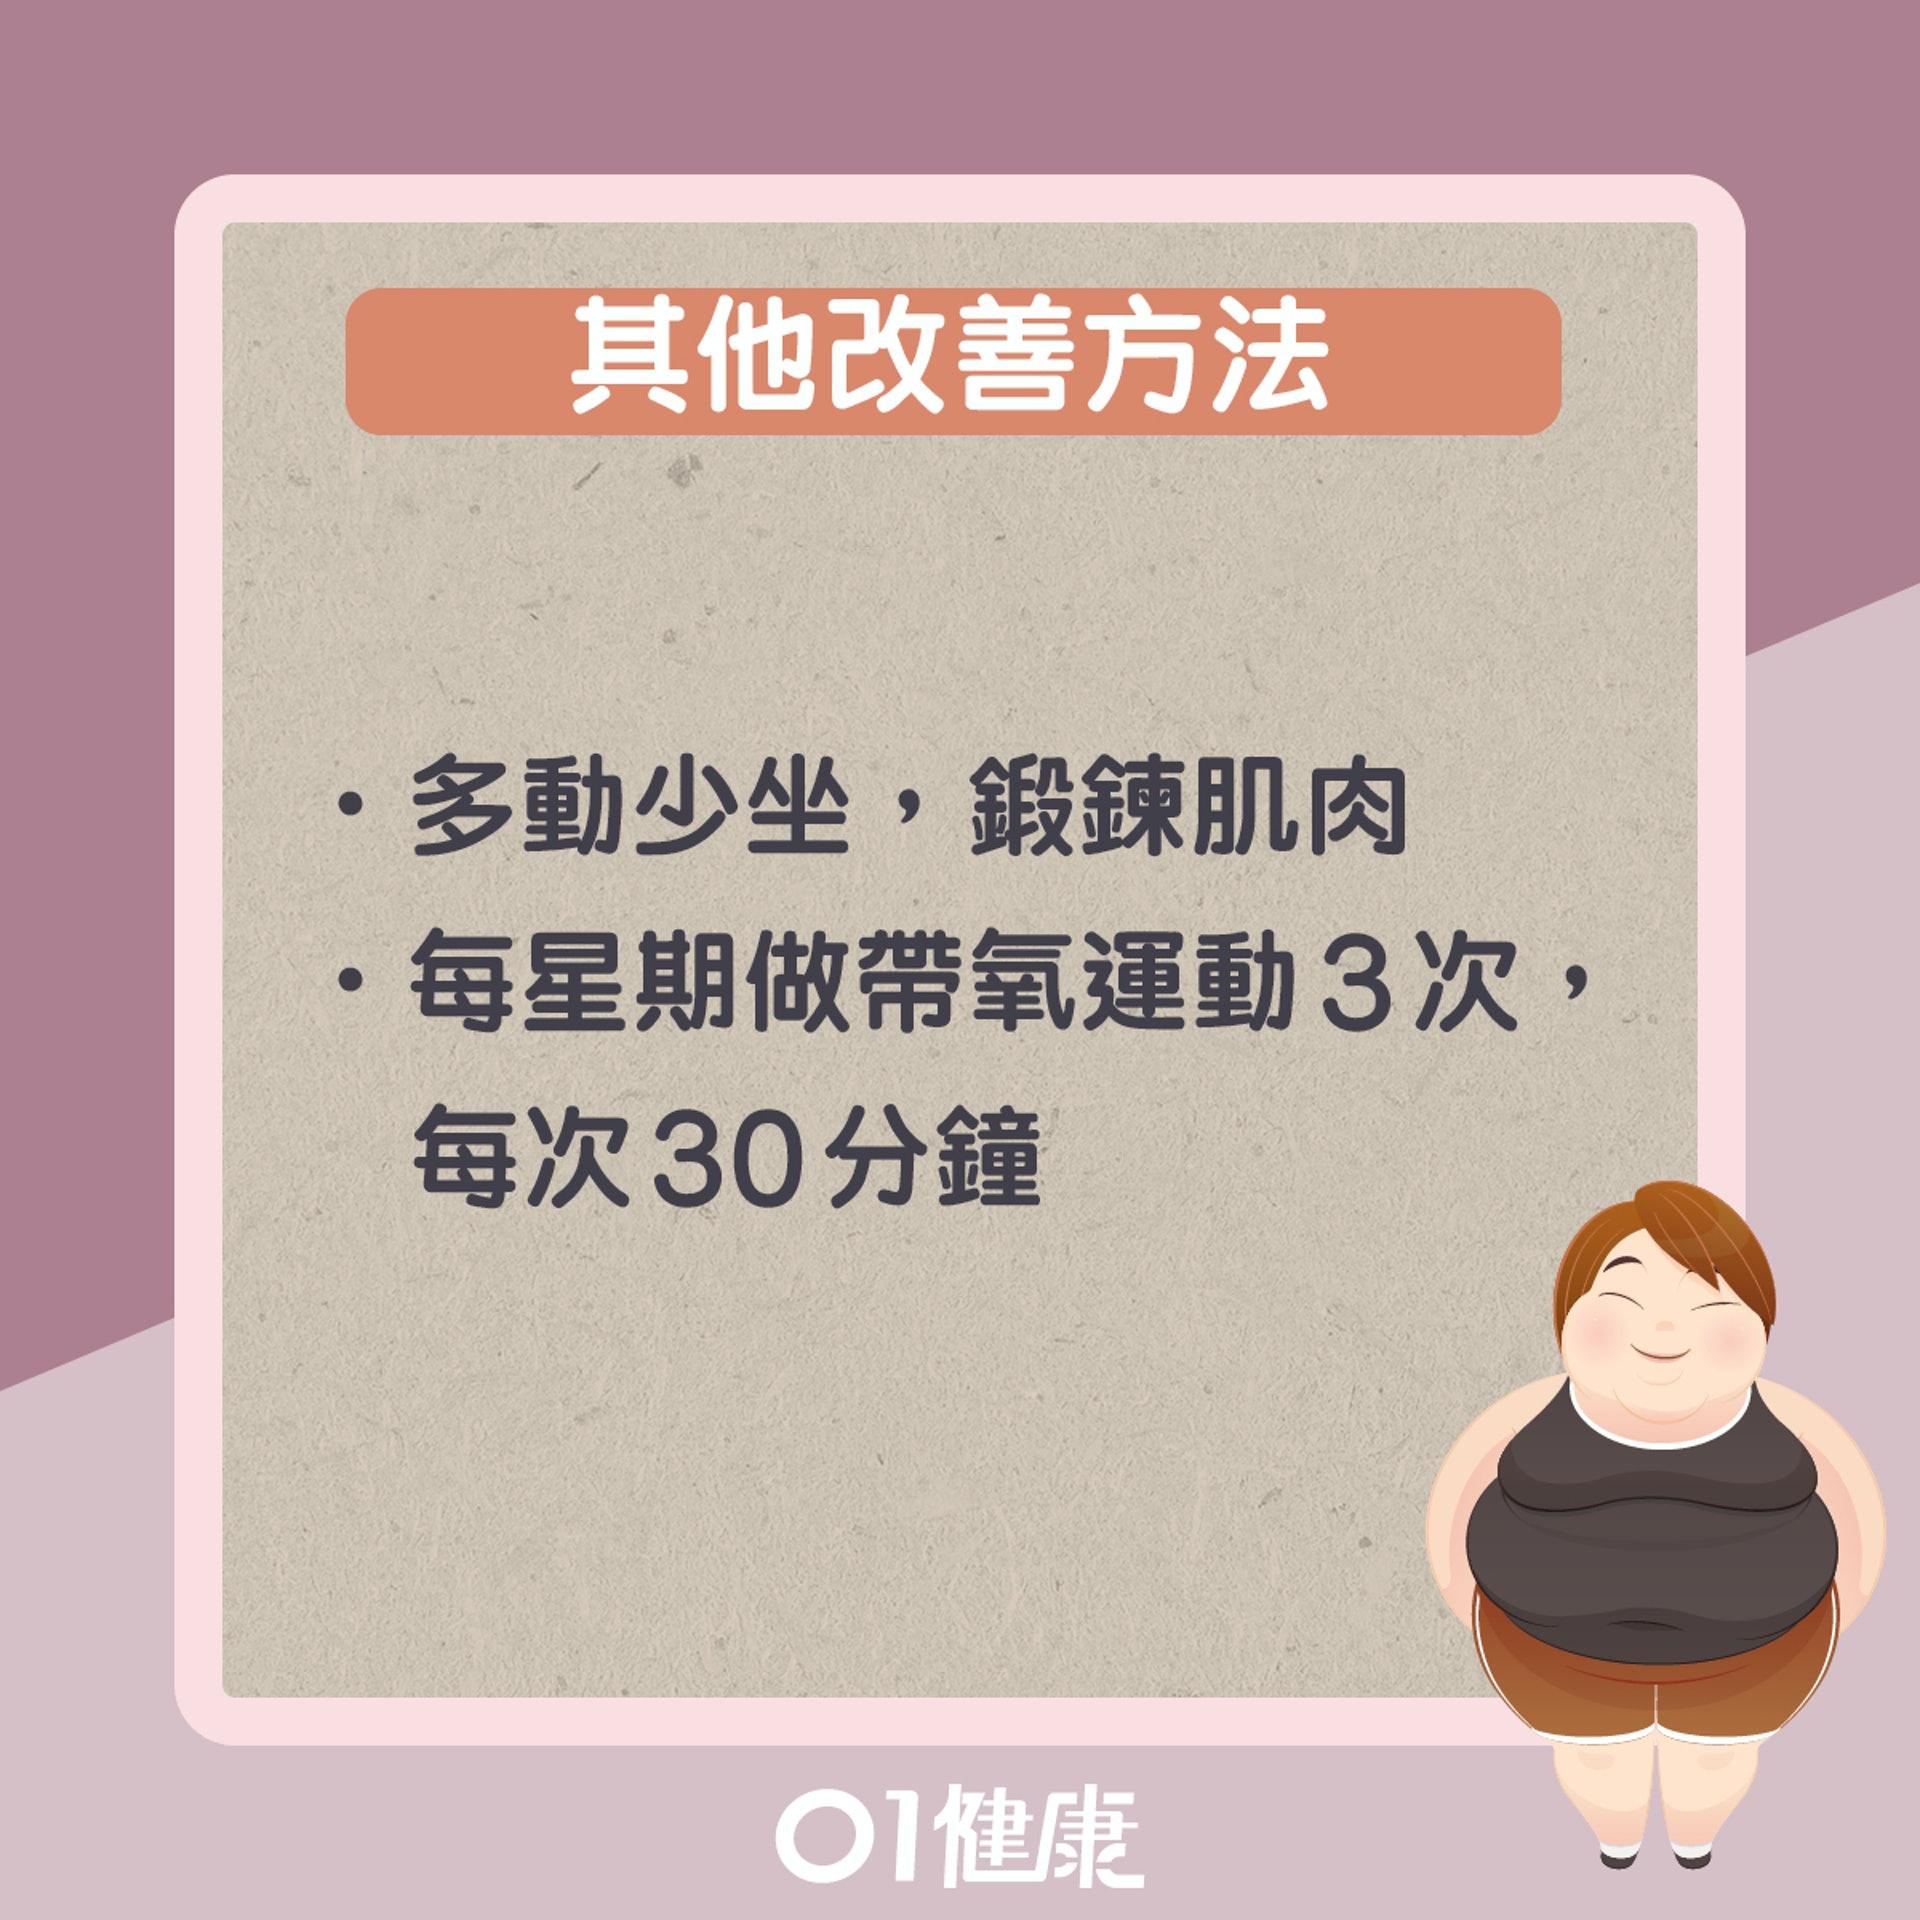 其他改善實胖方法(01製圖)